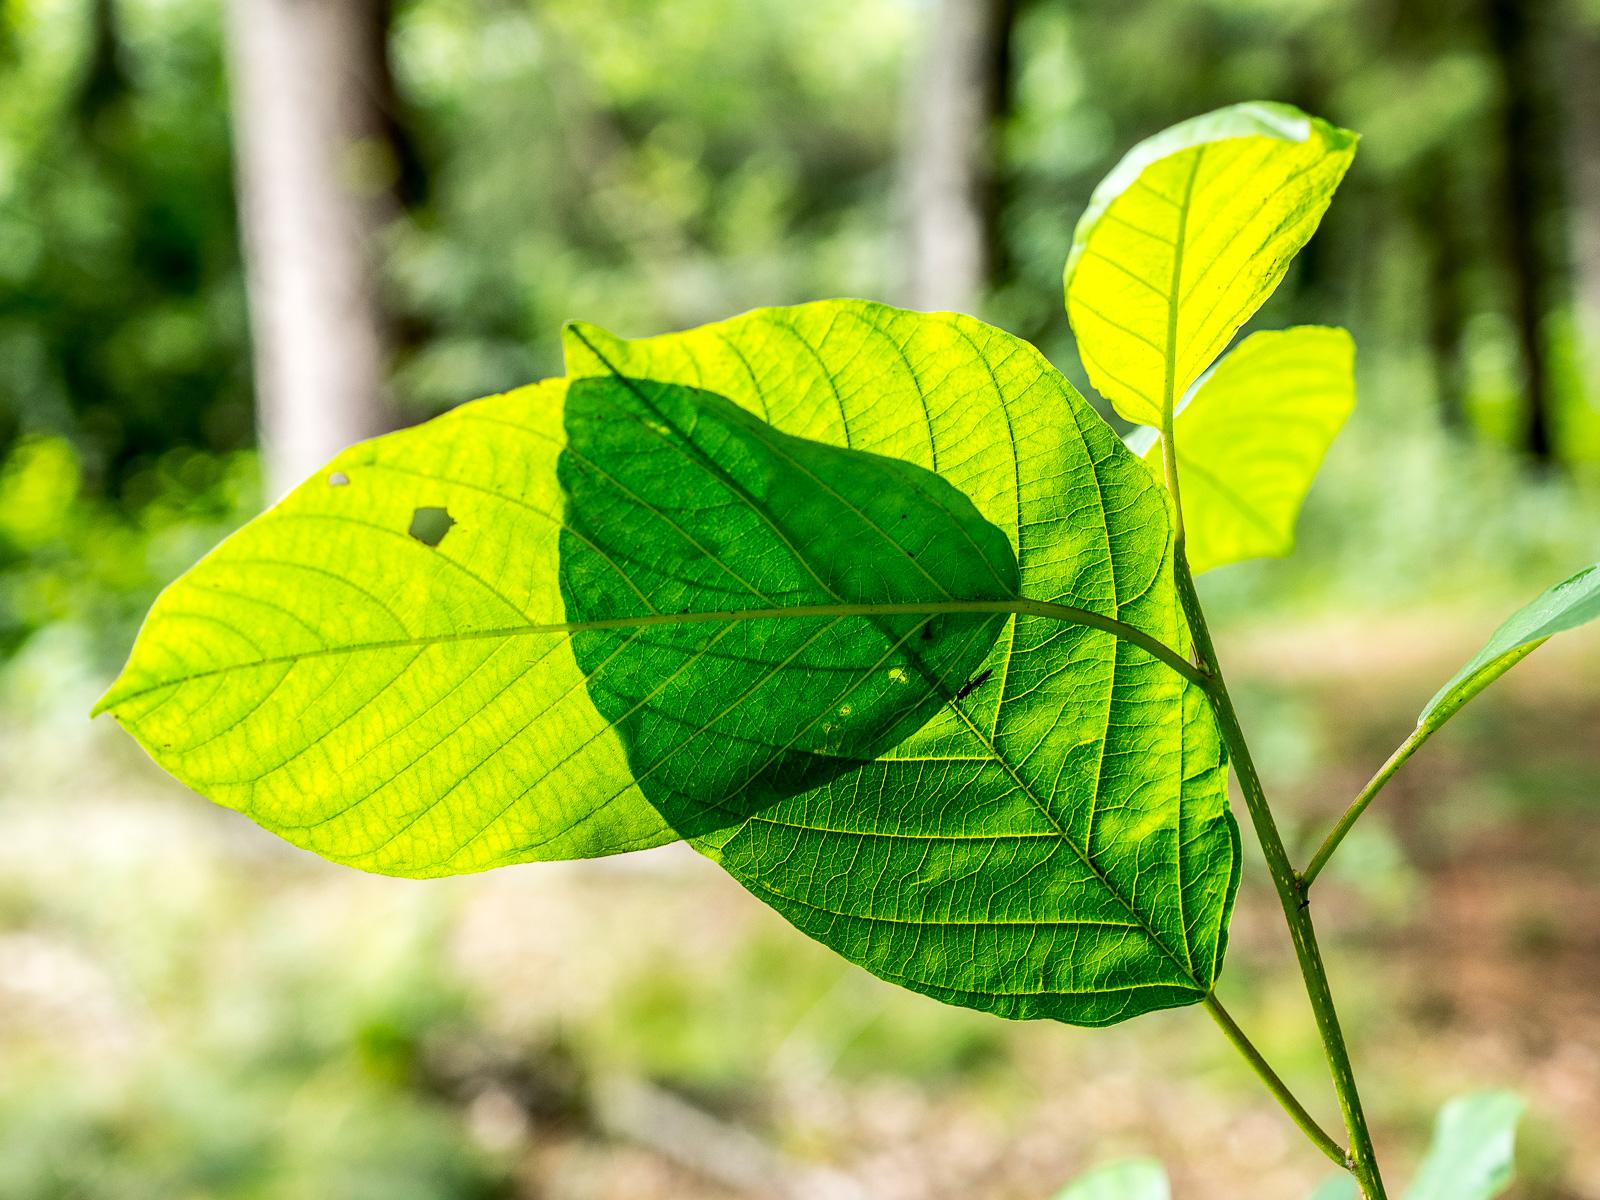 Überlappende Blätter im Gegenlicht, an der überlagerungskante zeichnet sich der Schatten eines länglichen Käfers ab